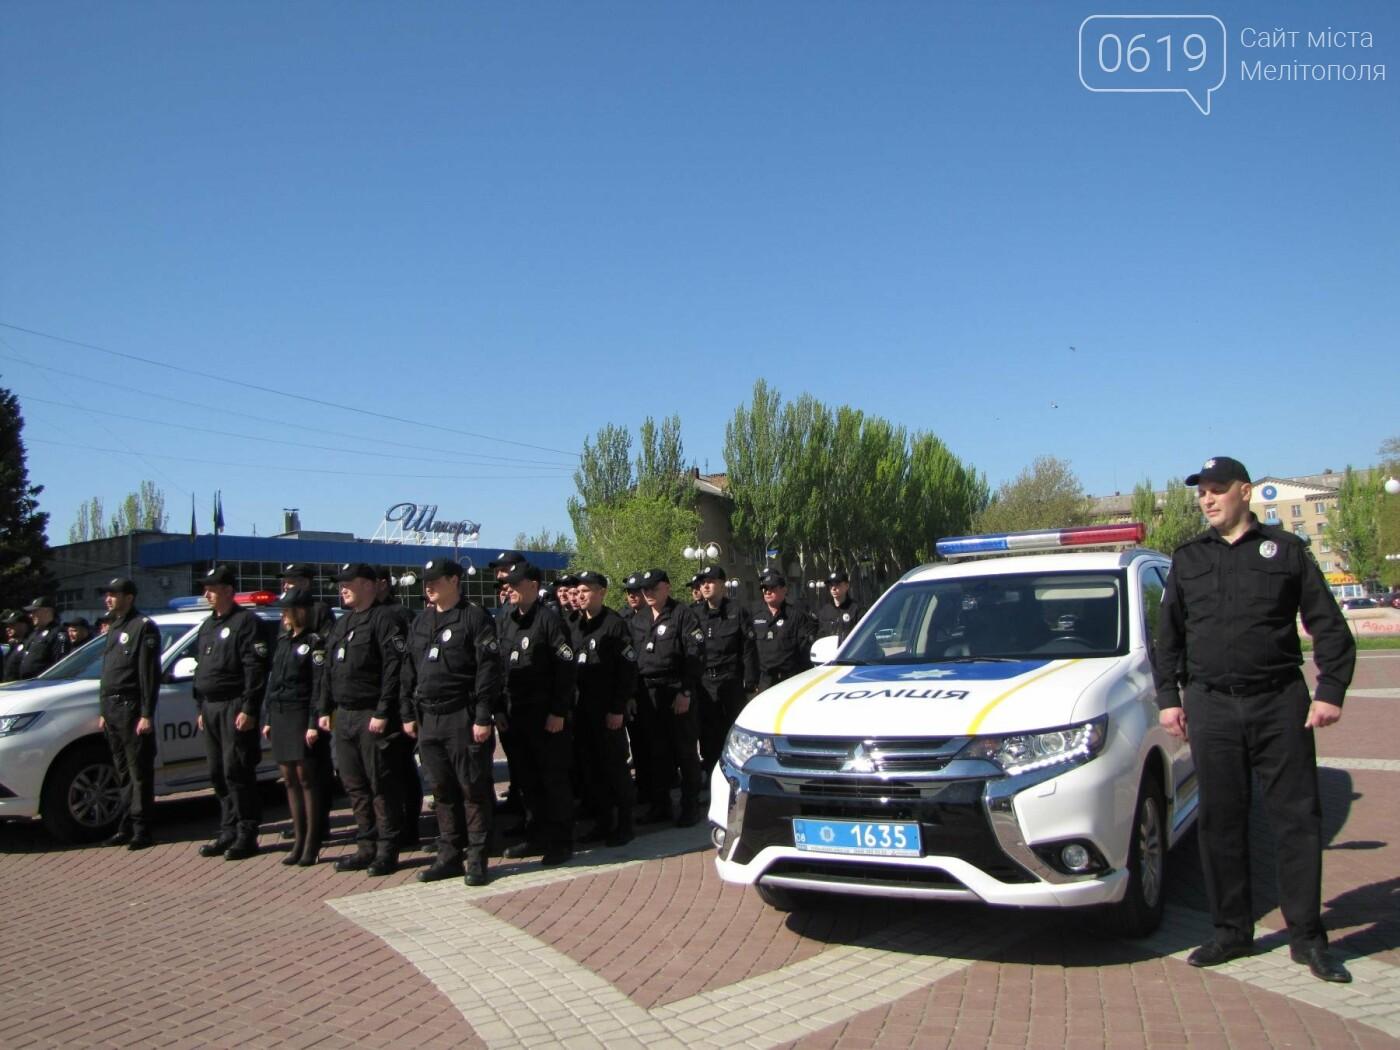 Мелитопольской полиции торжественно вручили новые служебные автомобили, фото-3